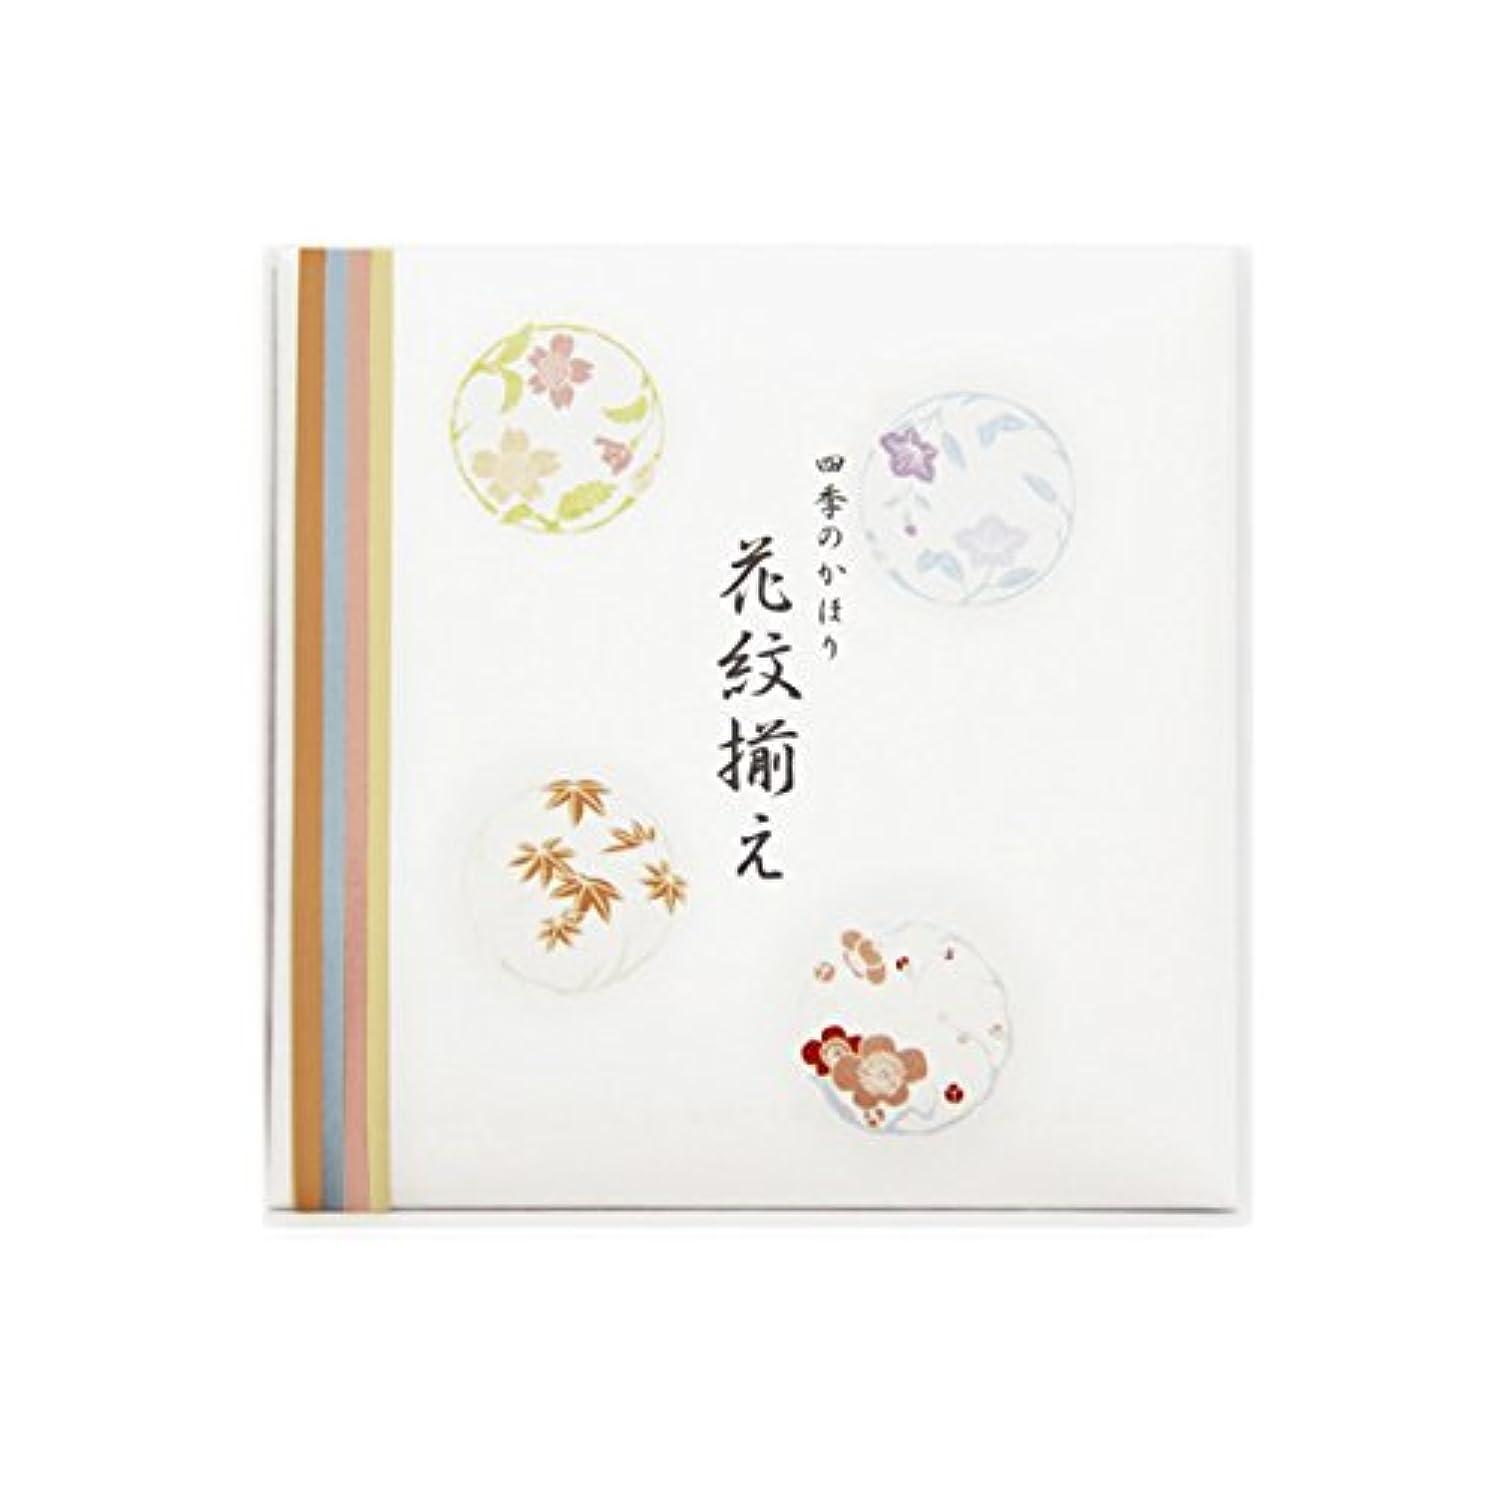 四季の香り 花紋揃え スティック4種各4本入